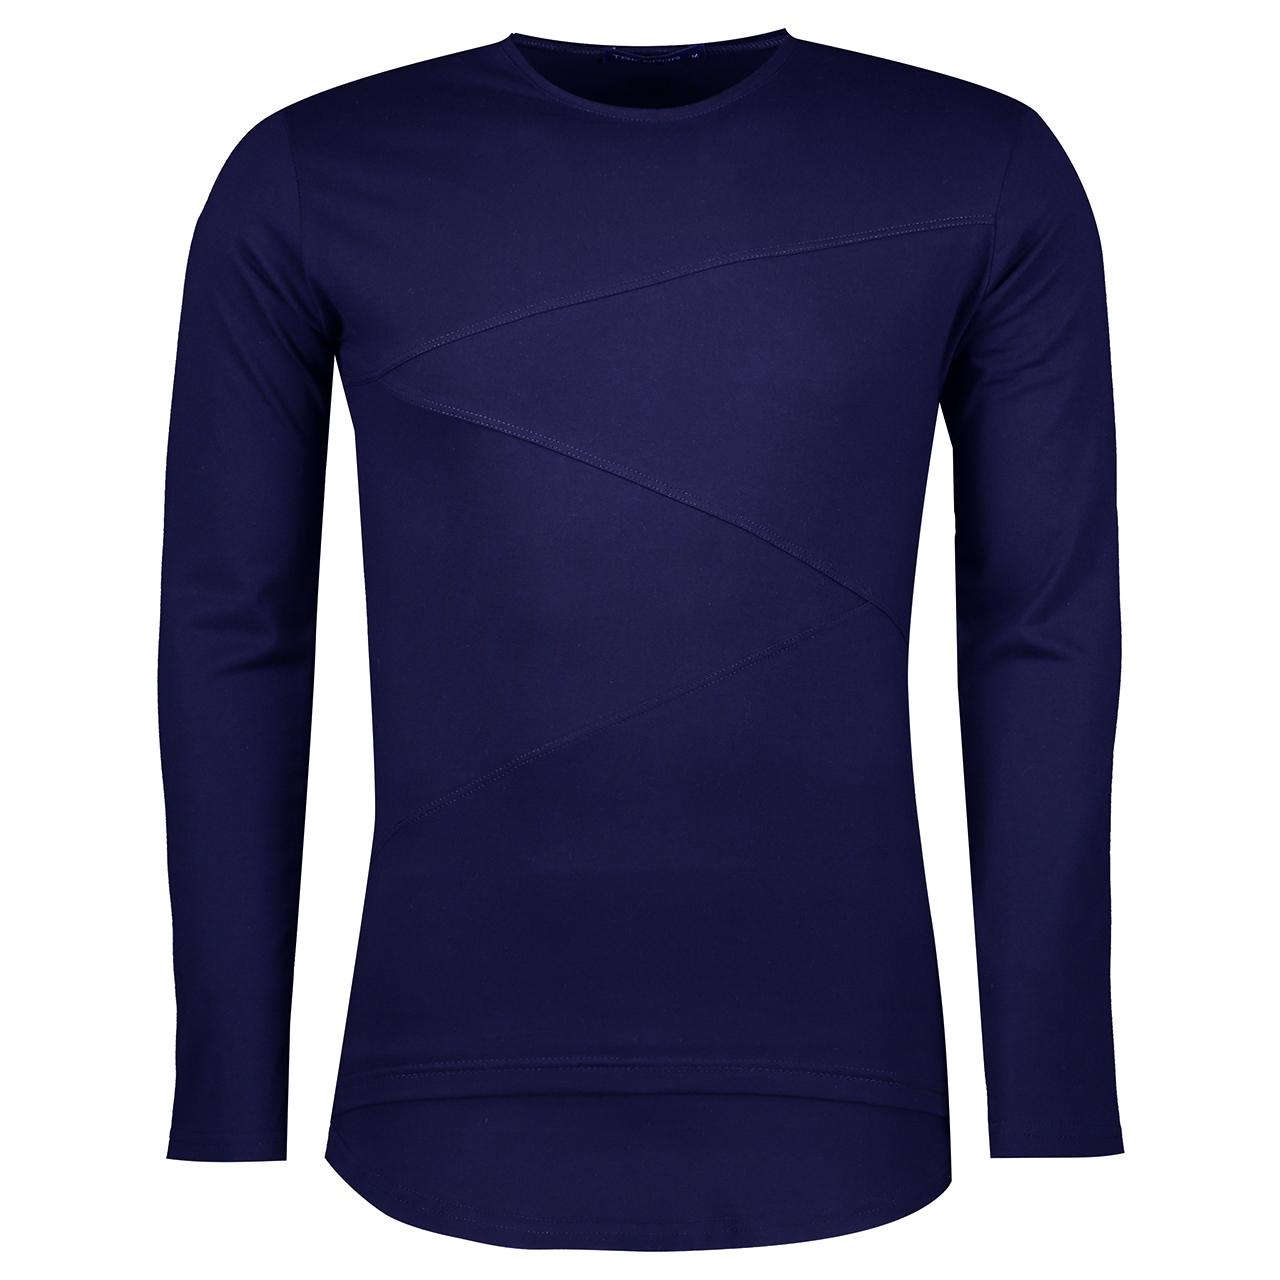 تی شرت آستین بلند مردانه تارکان کد 246-4